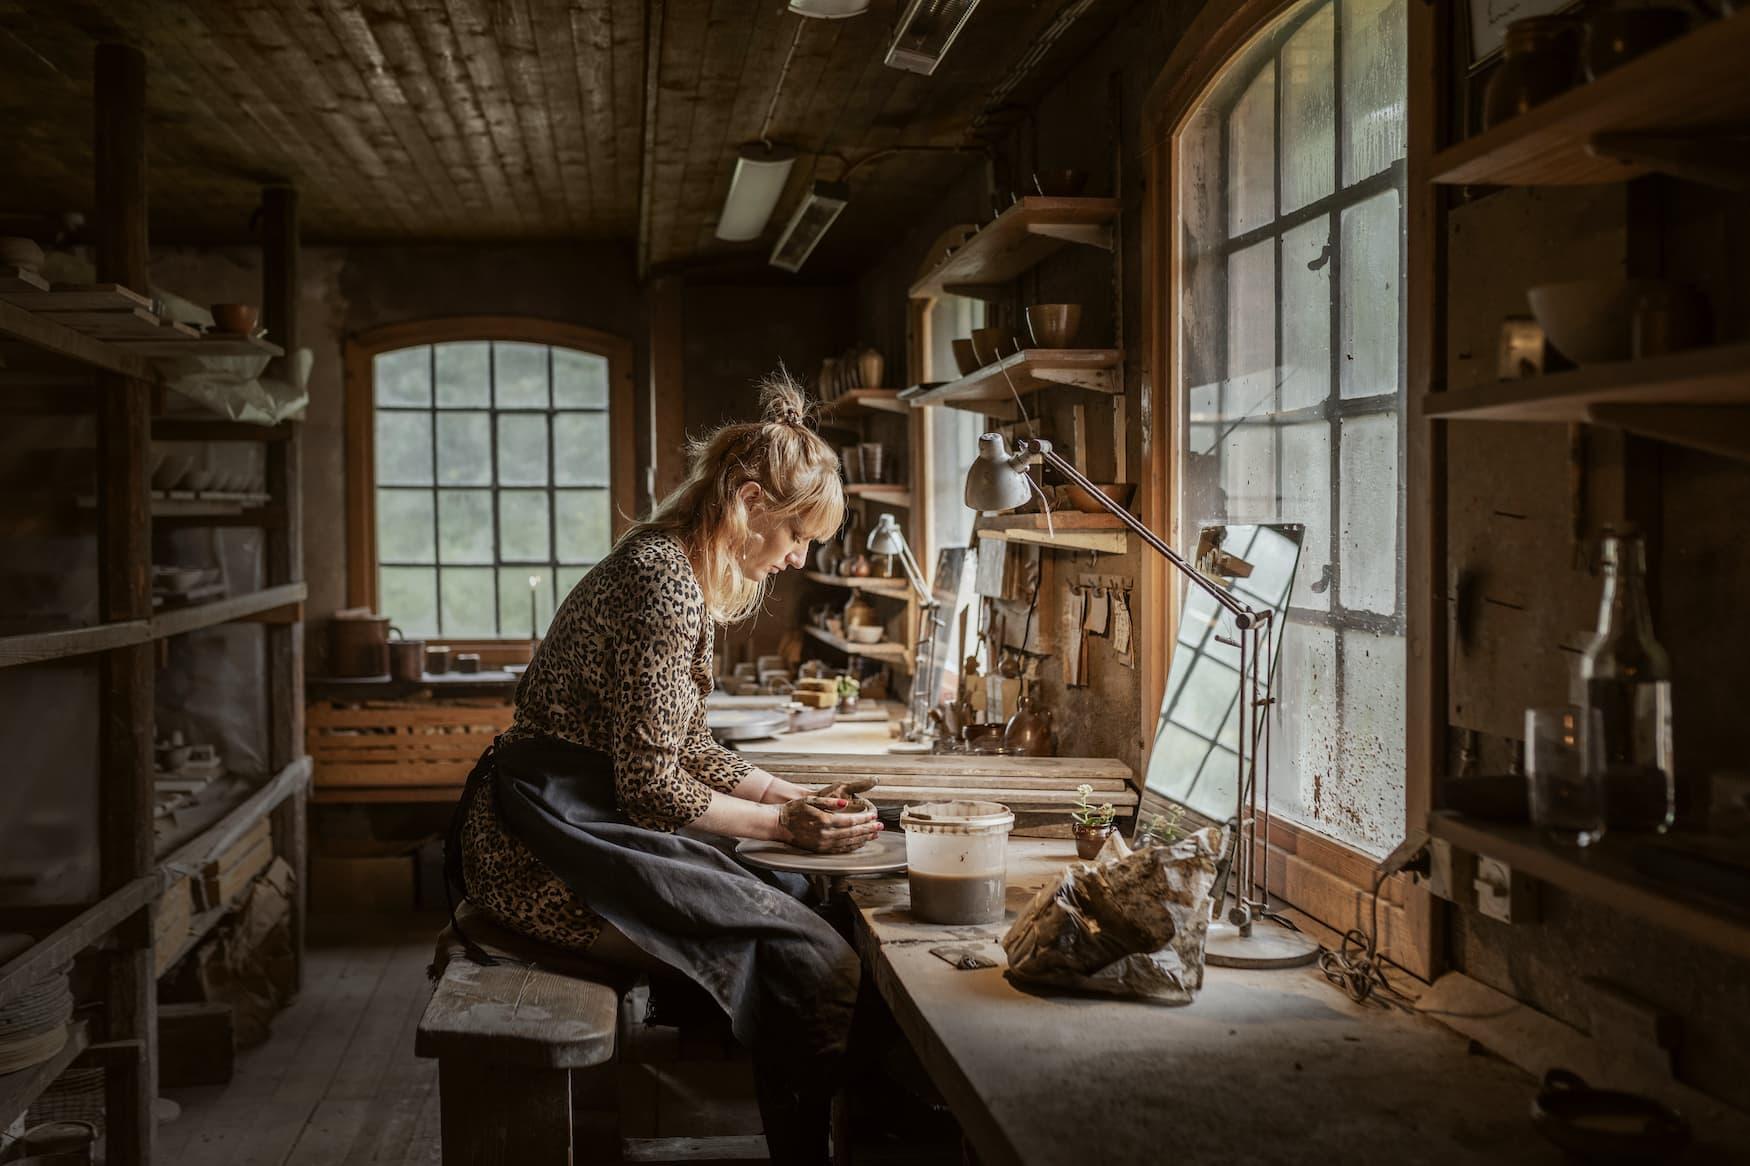 Frau stellt Keramik in Wallåkra-Fabrik in Skane her